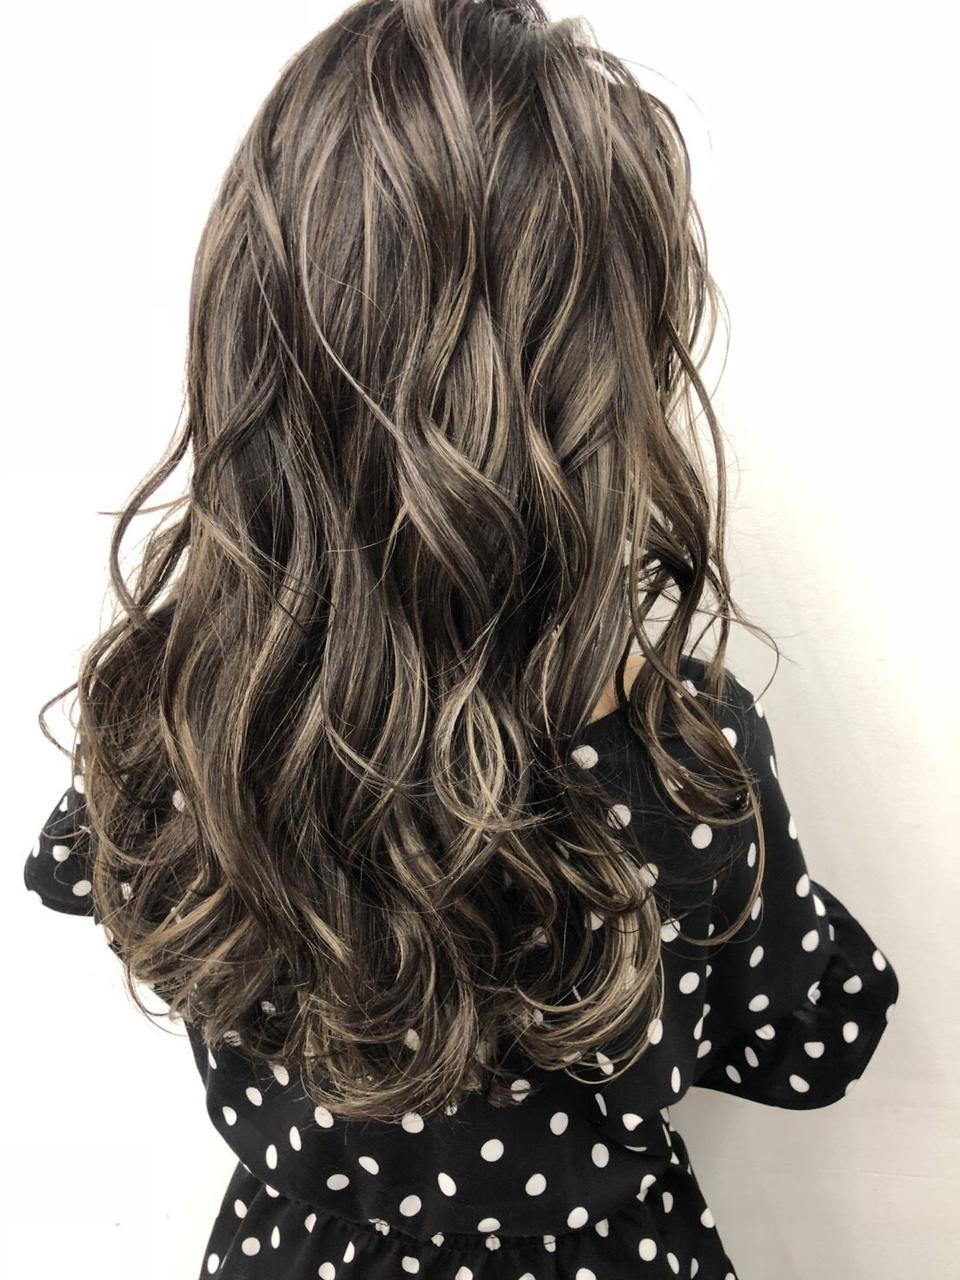 「最近髪が細くなってきた」「ボリュームが減ってきた」今も未来も美しく!エイジングヘッドスパ始めました